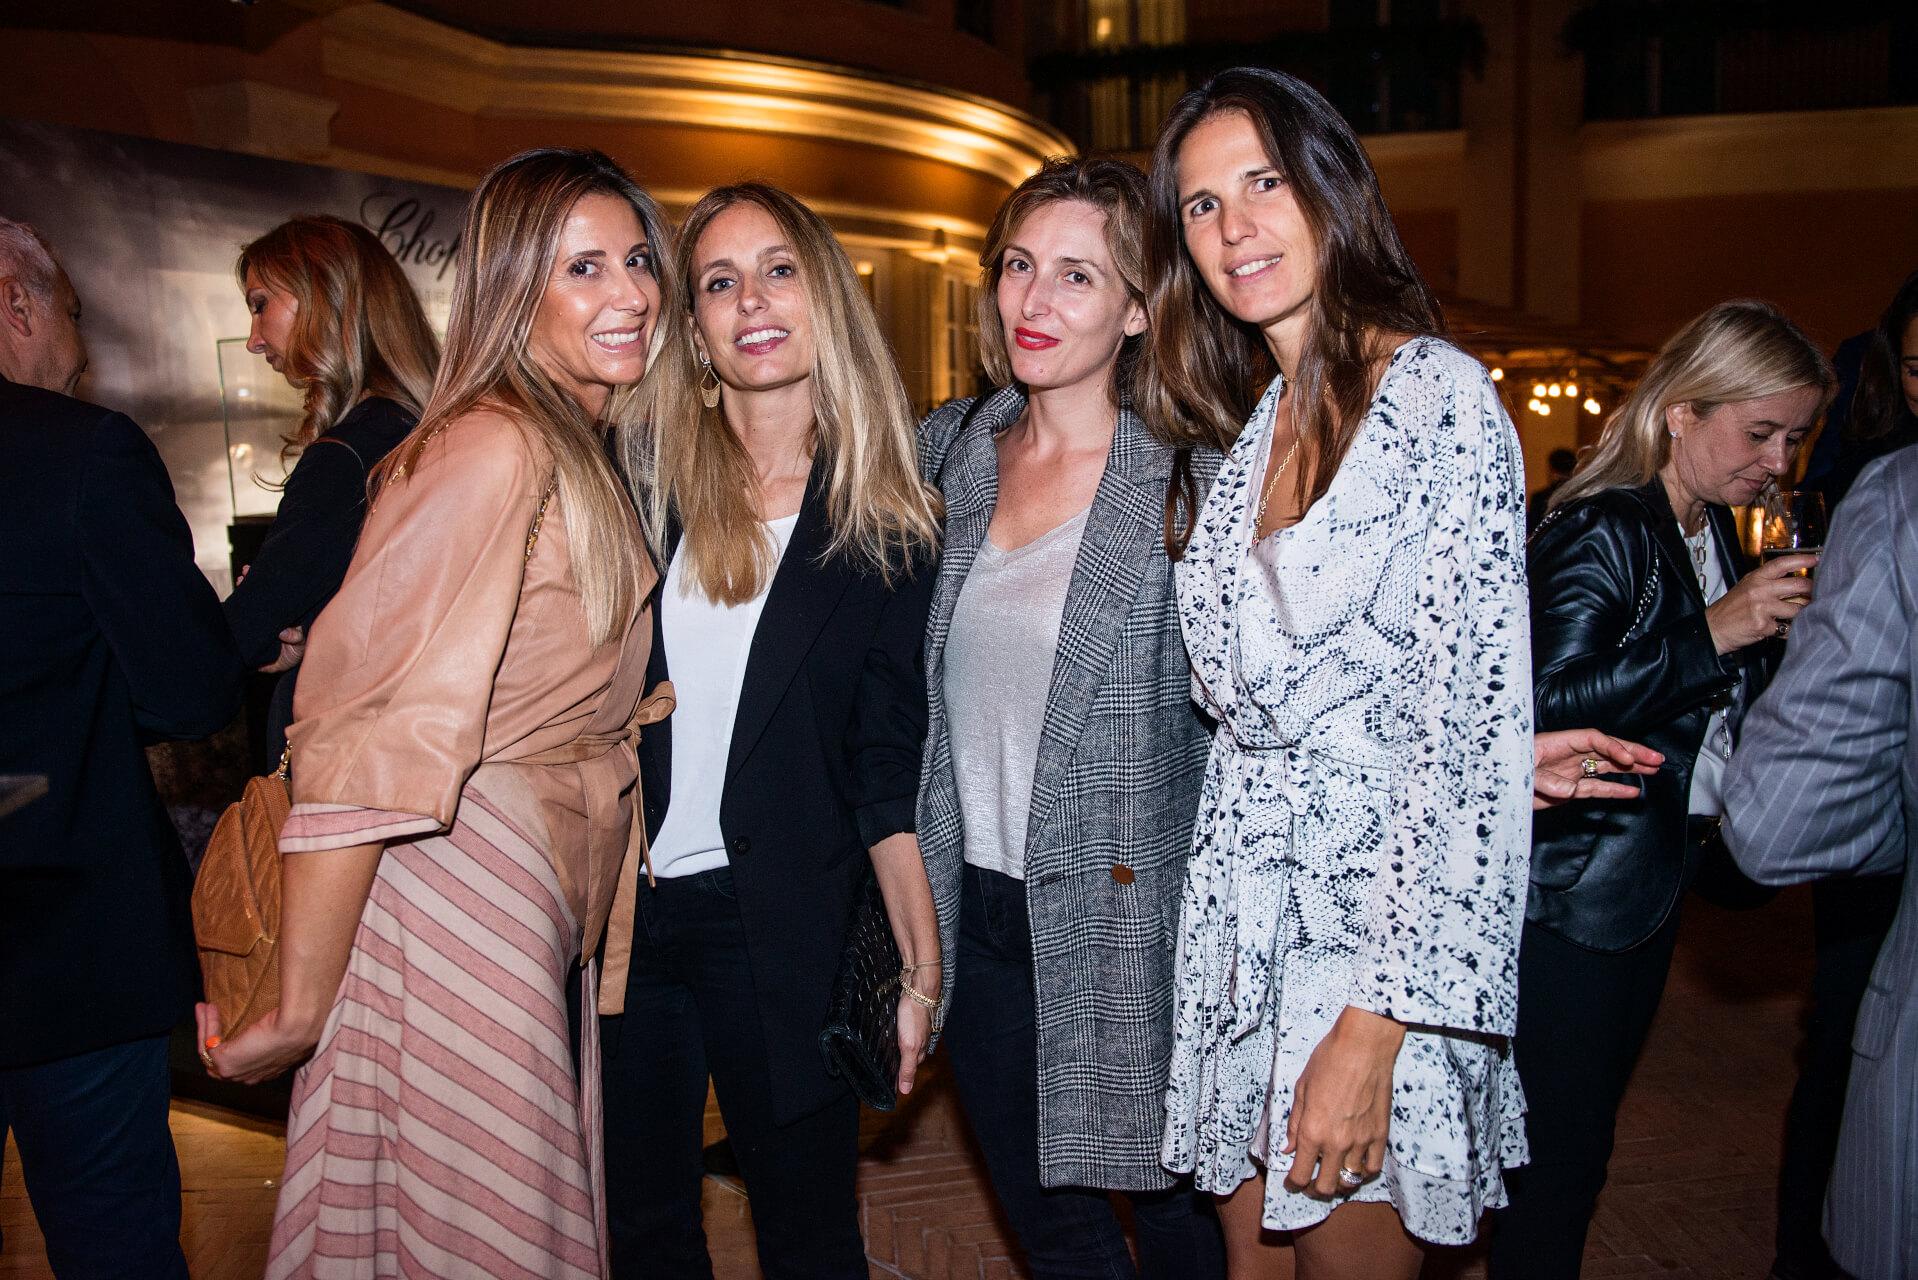 Veronica and Serena Potetti, Flaminia Metz, Coraline Ambrosetti